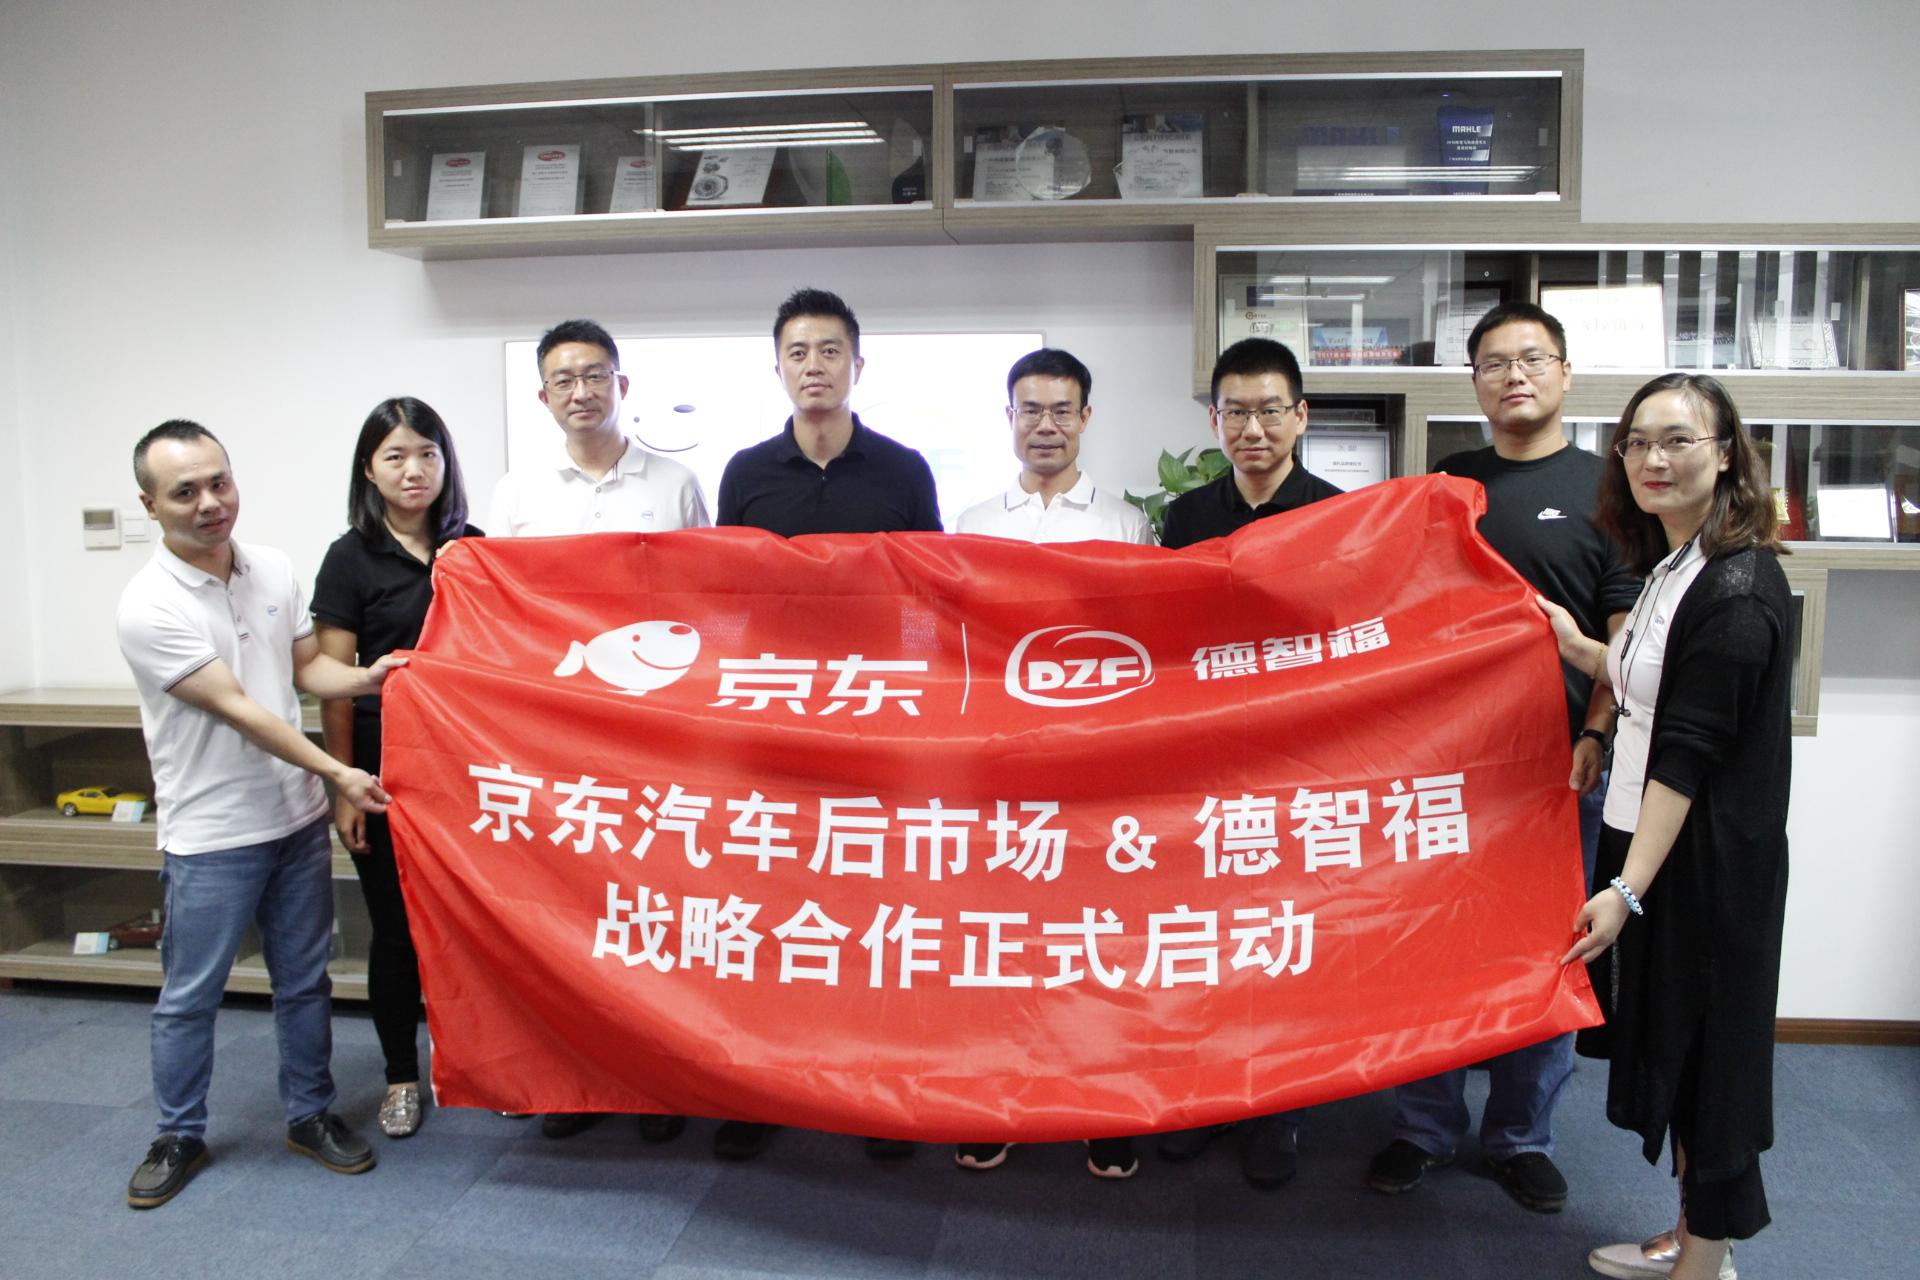 京東汽車后市場與德智福戰略合作簽約——共建云配聯盟體系